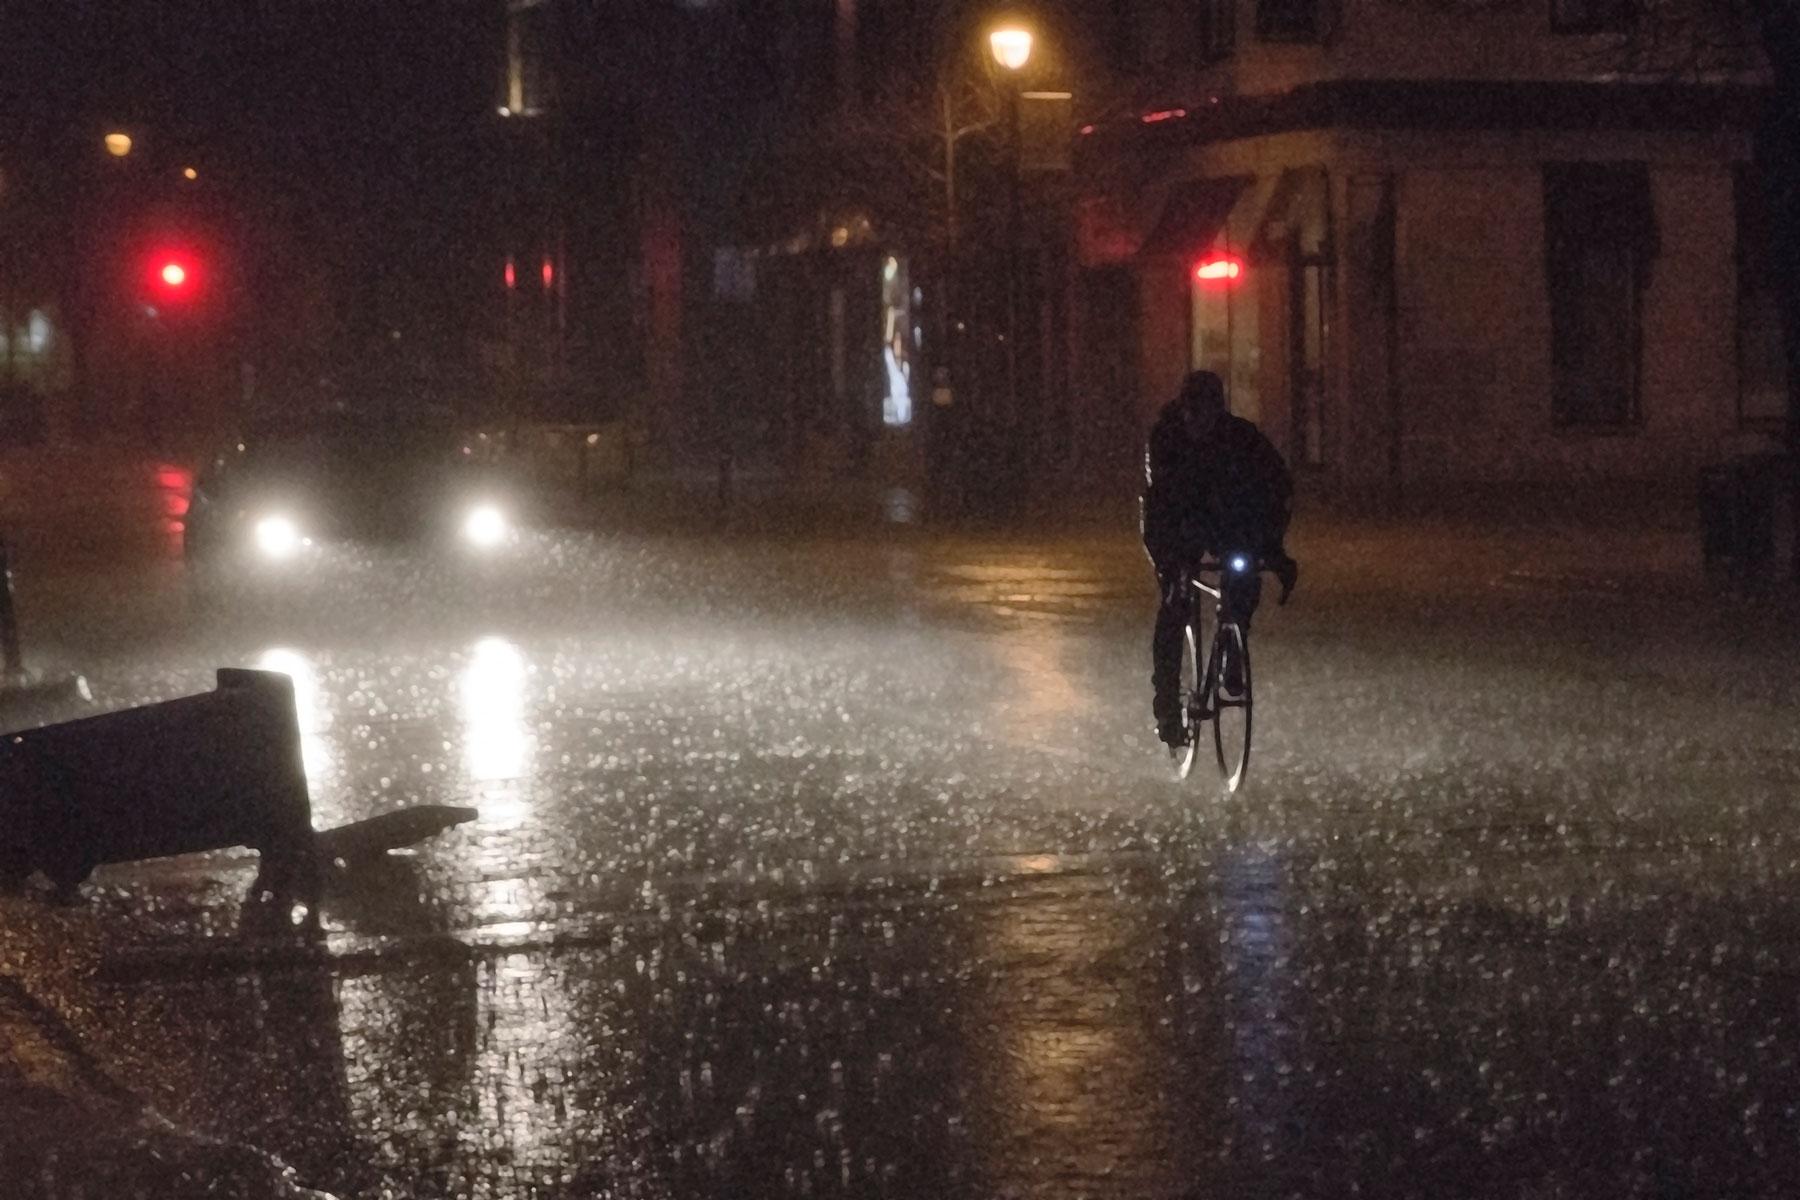 Premier orage printanier. Gros coup de vent et de pluie rue Fleury est, Ahuntsic.